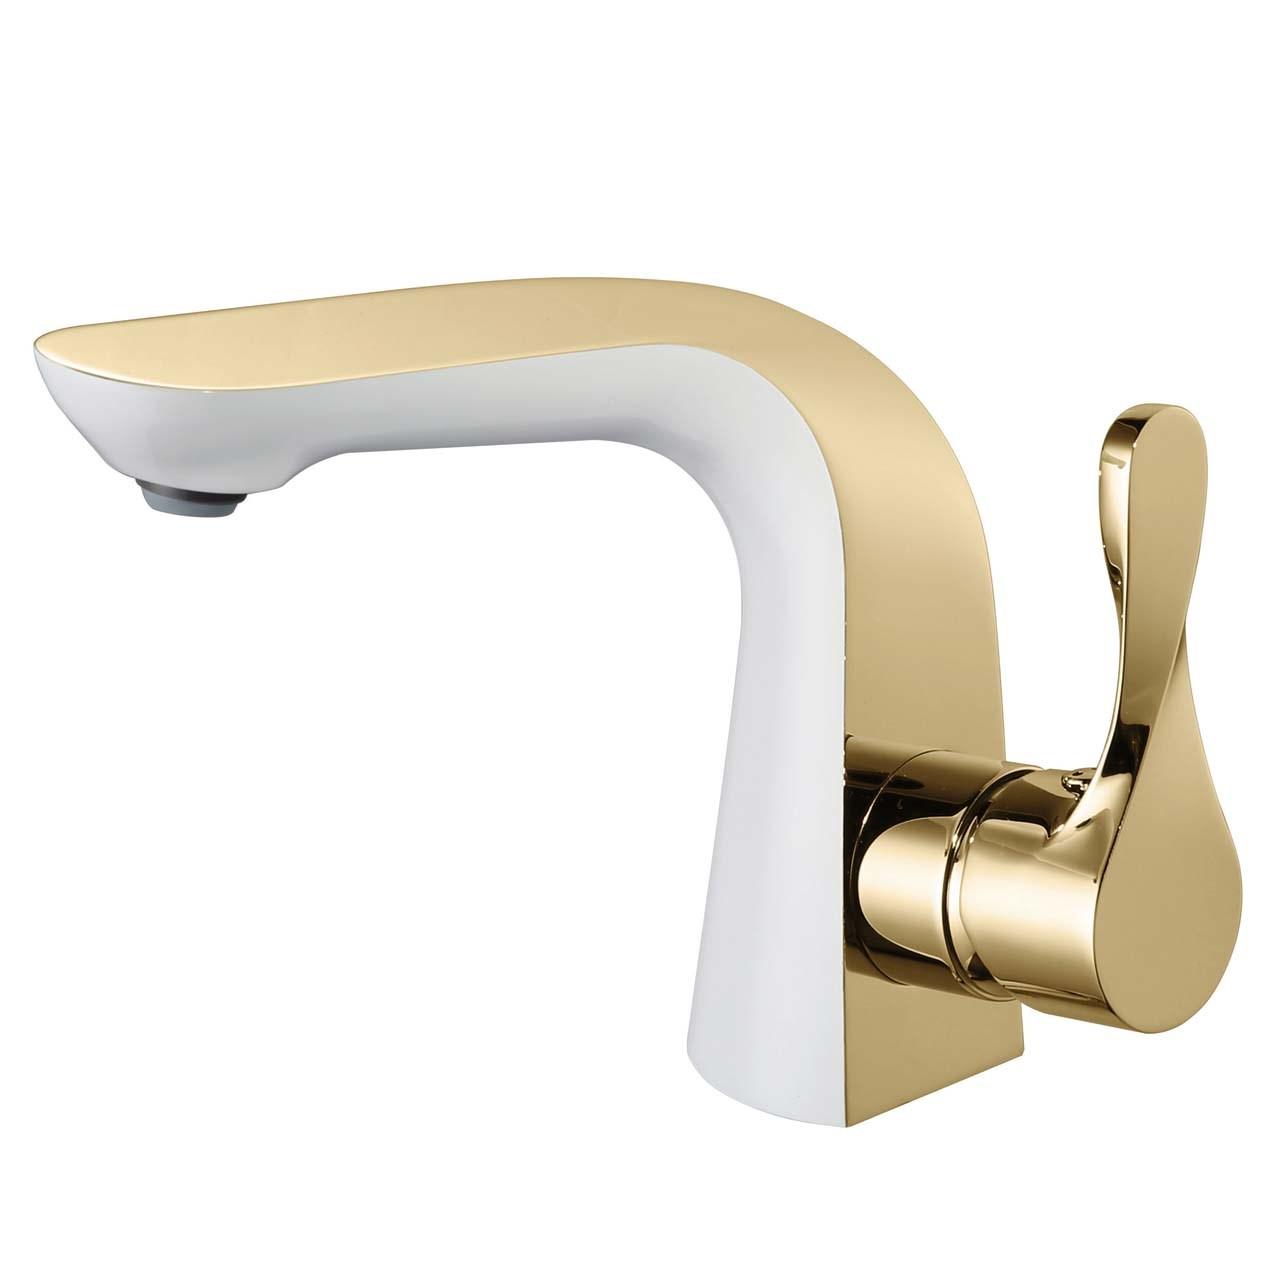 شیر روشویی الپس مدل ALPS طلایی سفید